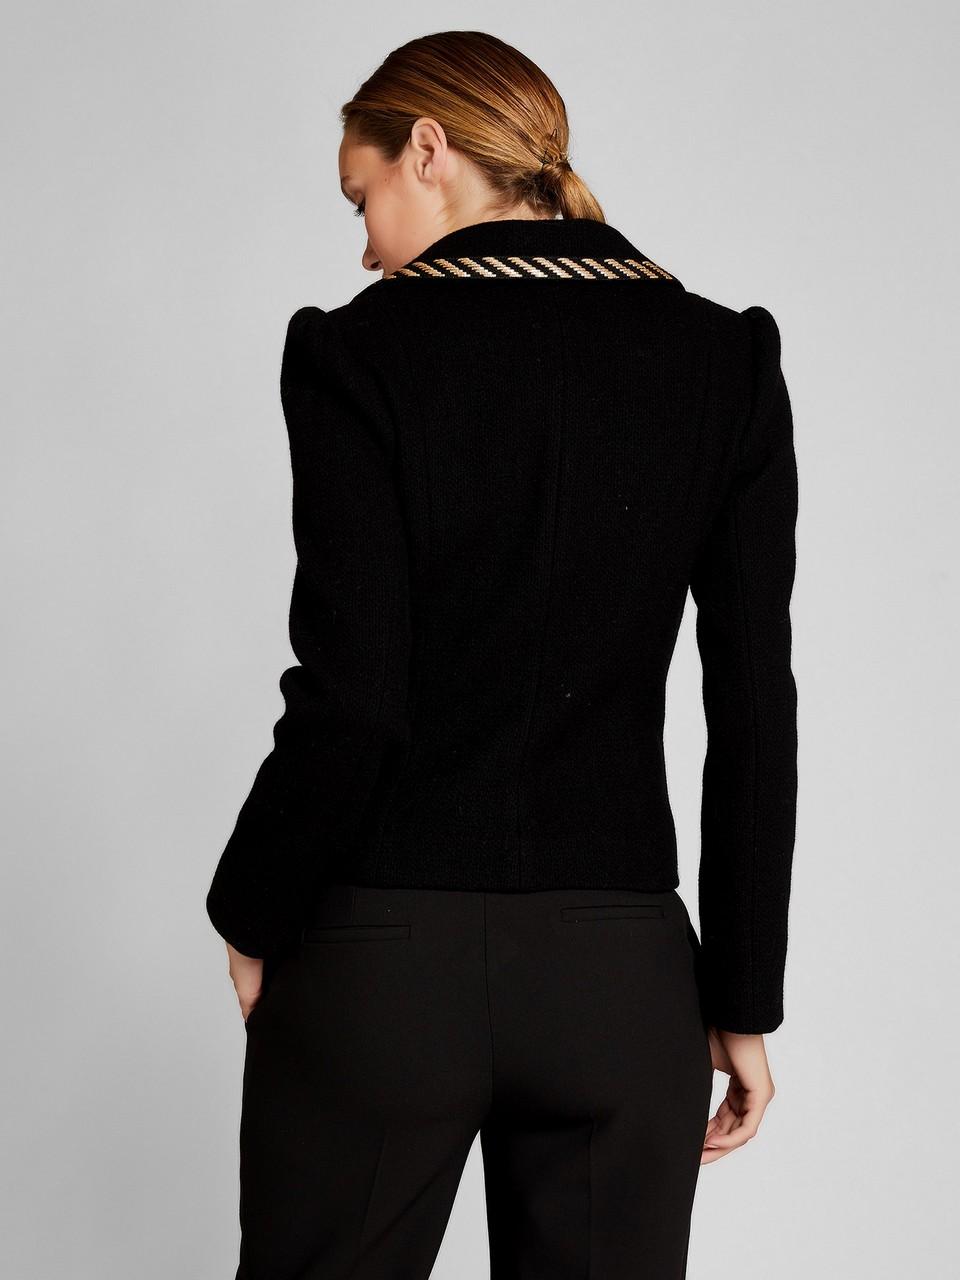 Büyük Düğme Detaylı Geniş Yakalı Blazer Ceket